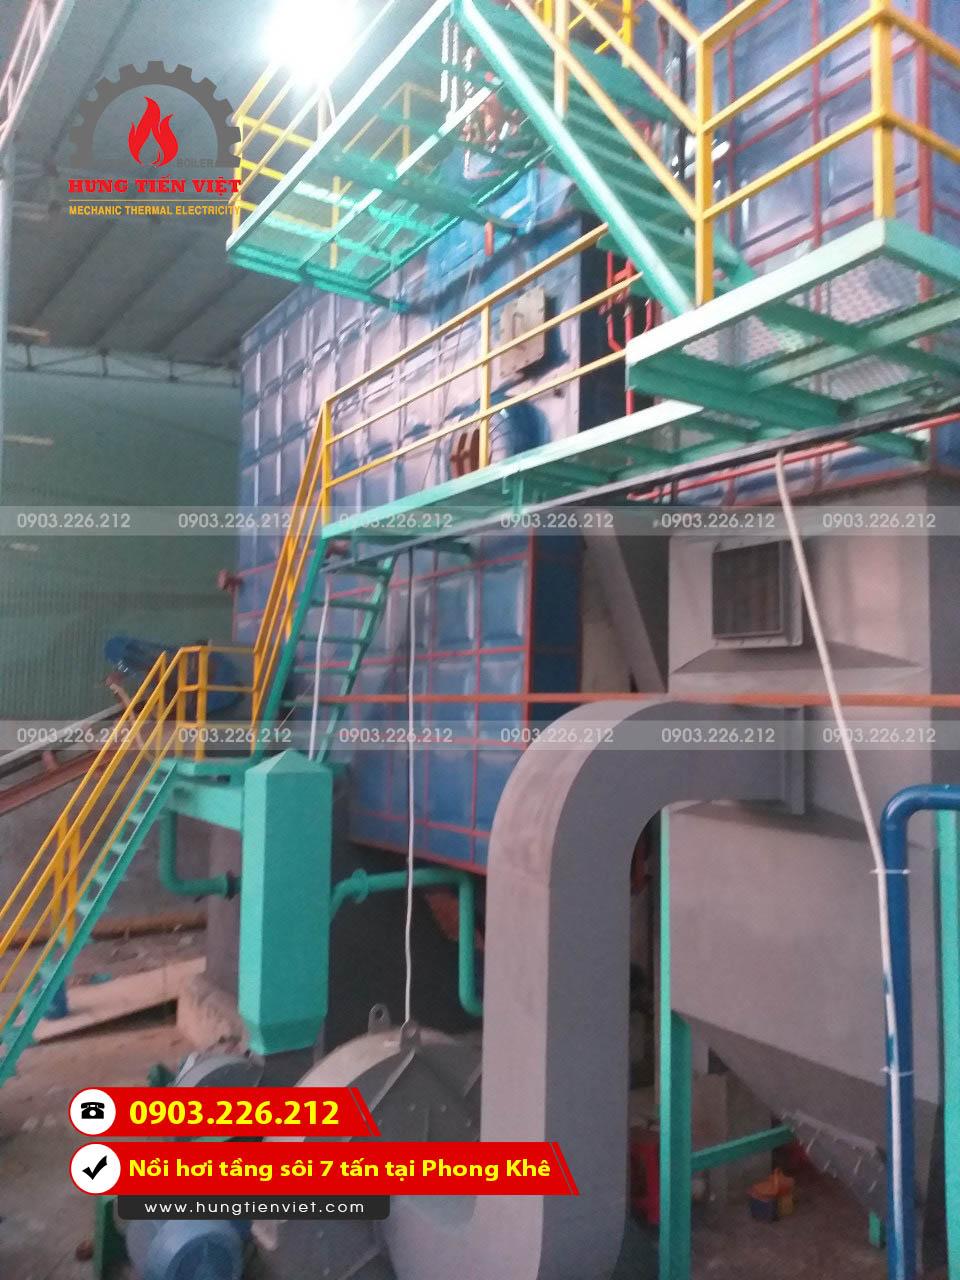 Hưng Tiến Việt - Thiết kế chế tạo và lắp đặt nồi hơi với công suất thiết kế là 7.000 kg hơi/h tại phường Phong Khê, Bắc Ninh ☎ 0903.226.212 #noihoitangsoi #lohoitangsoi #noihoi #lohoi